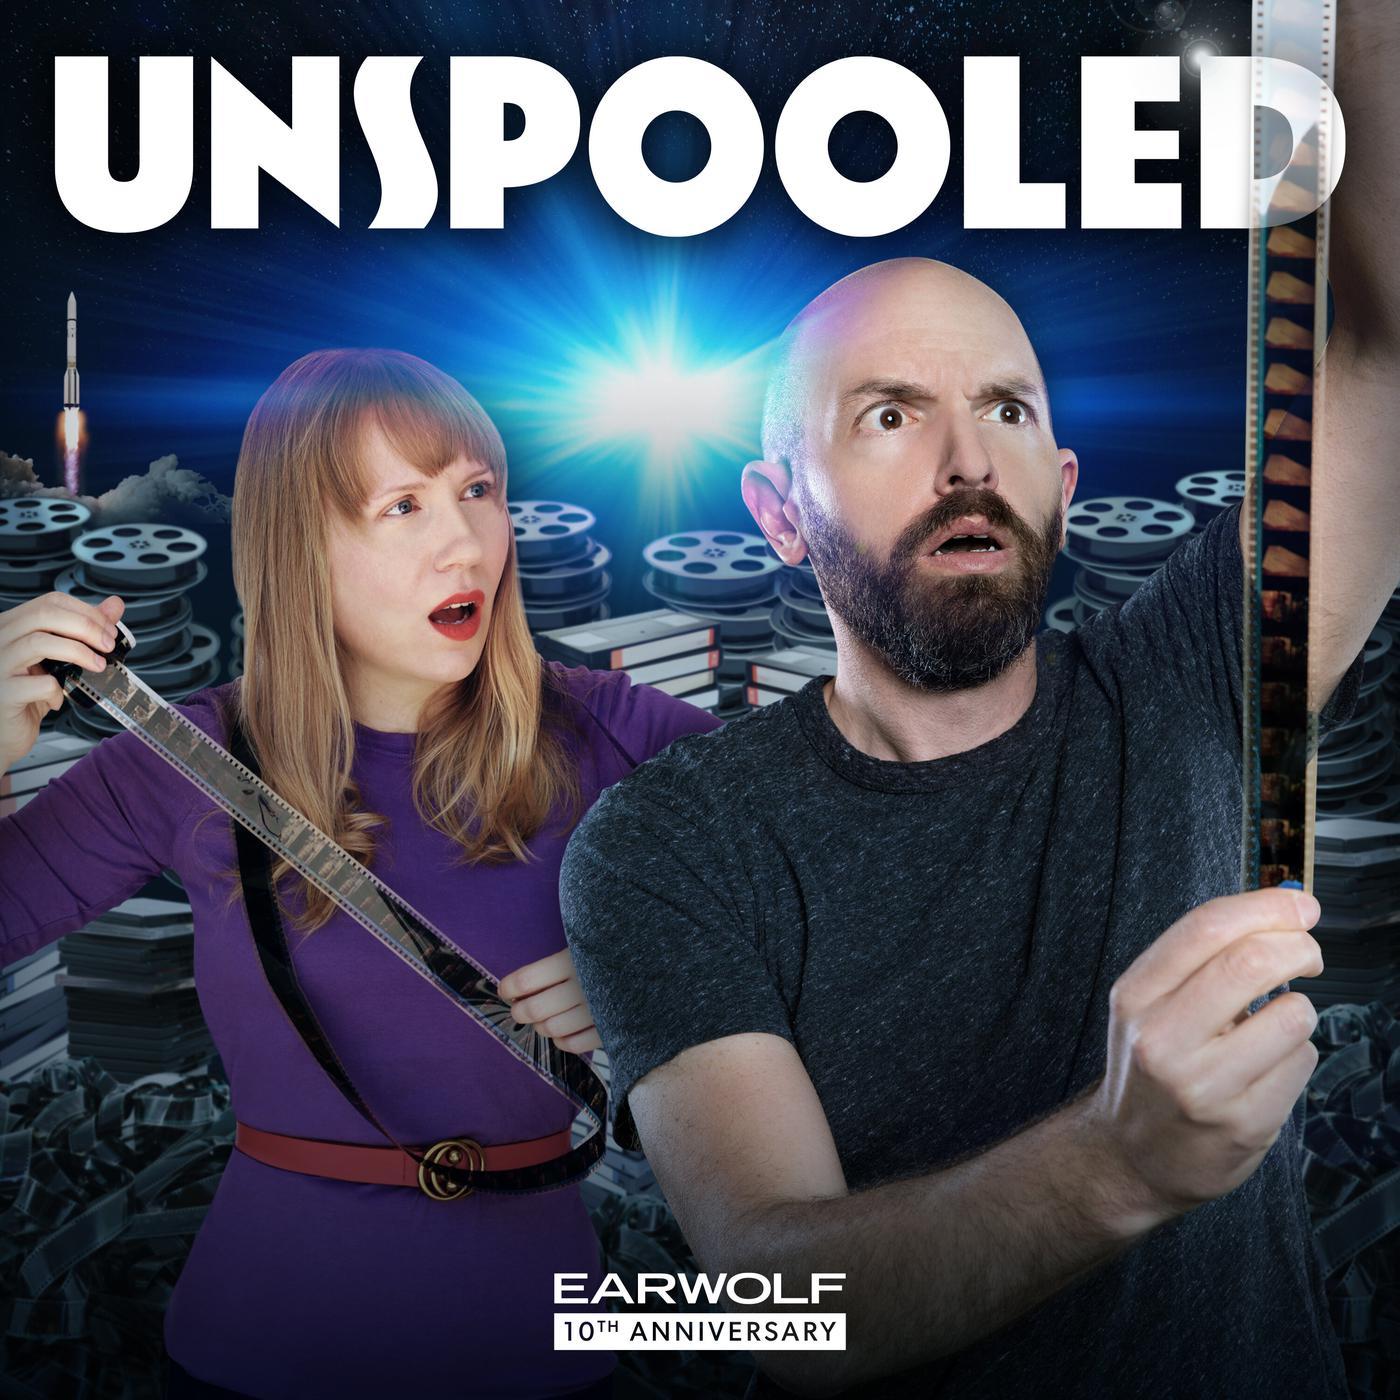 Earwolf, Paul Scheer & Amy Nicholson